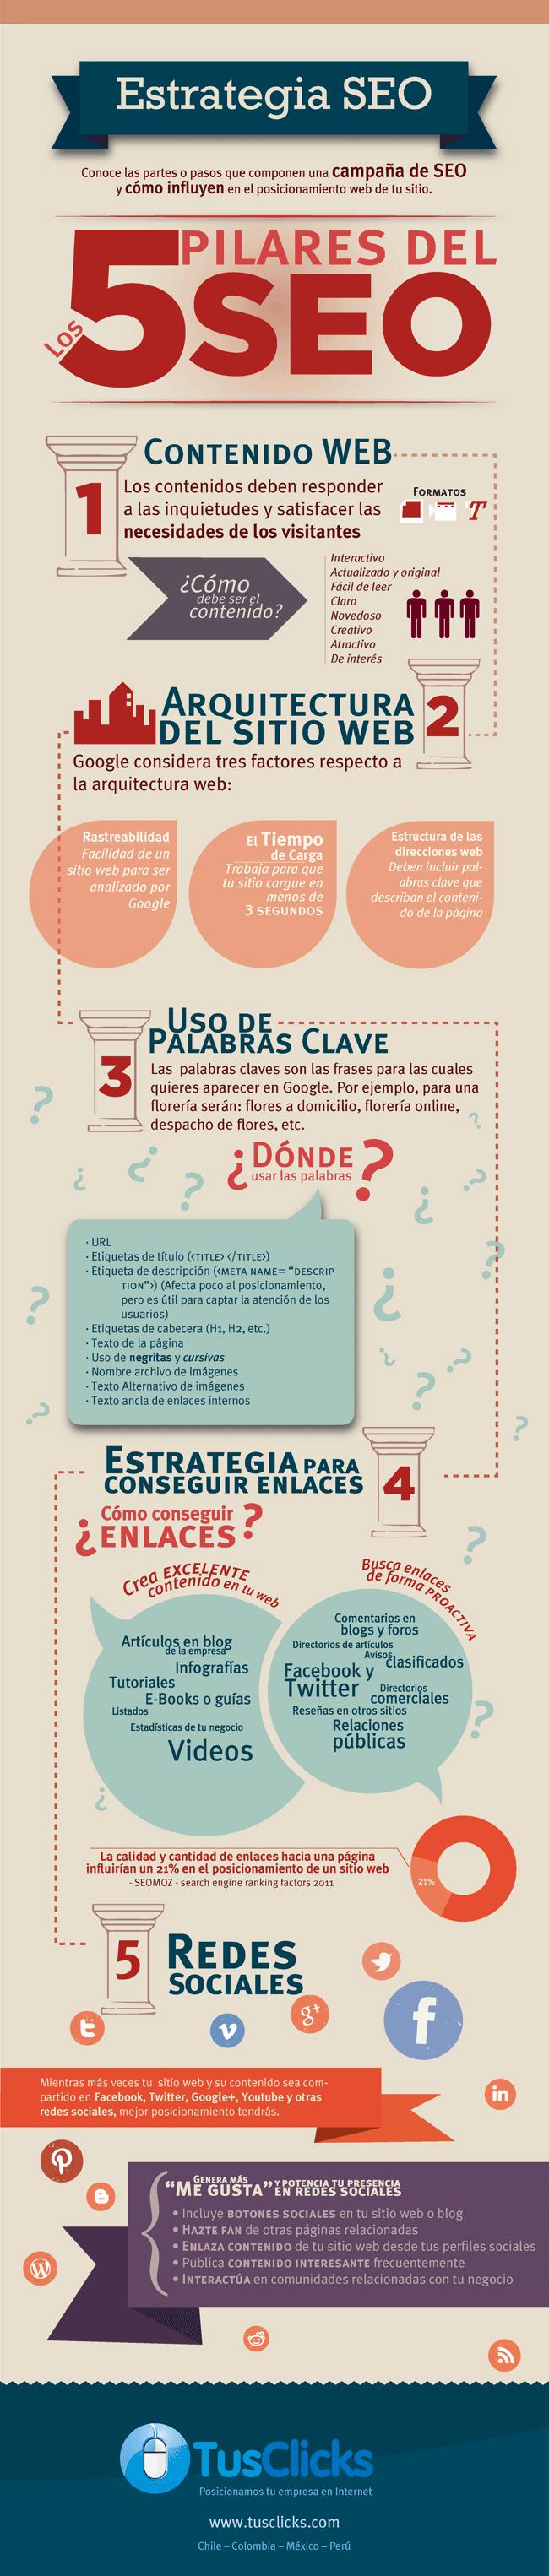 infografia-con-los-5-factores-seo-mas-importantes-sobre-posicionamiento-web